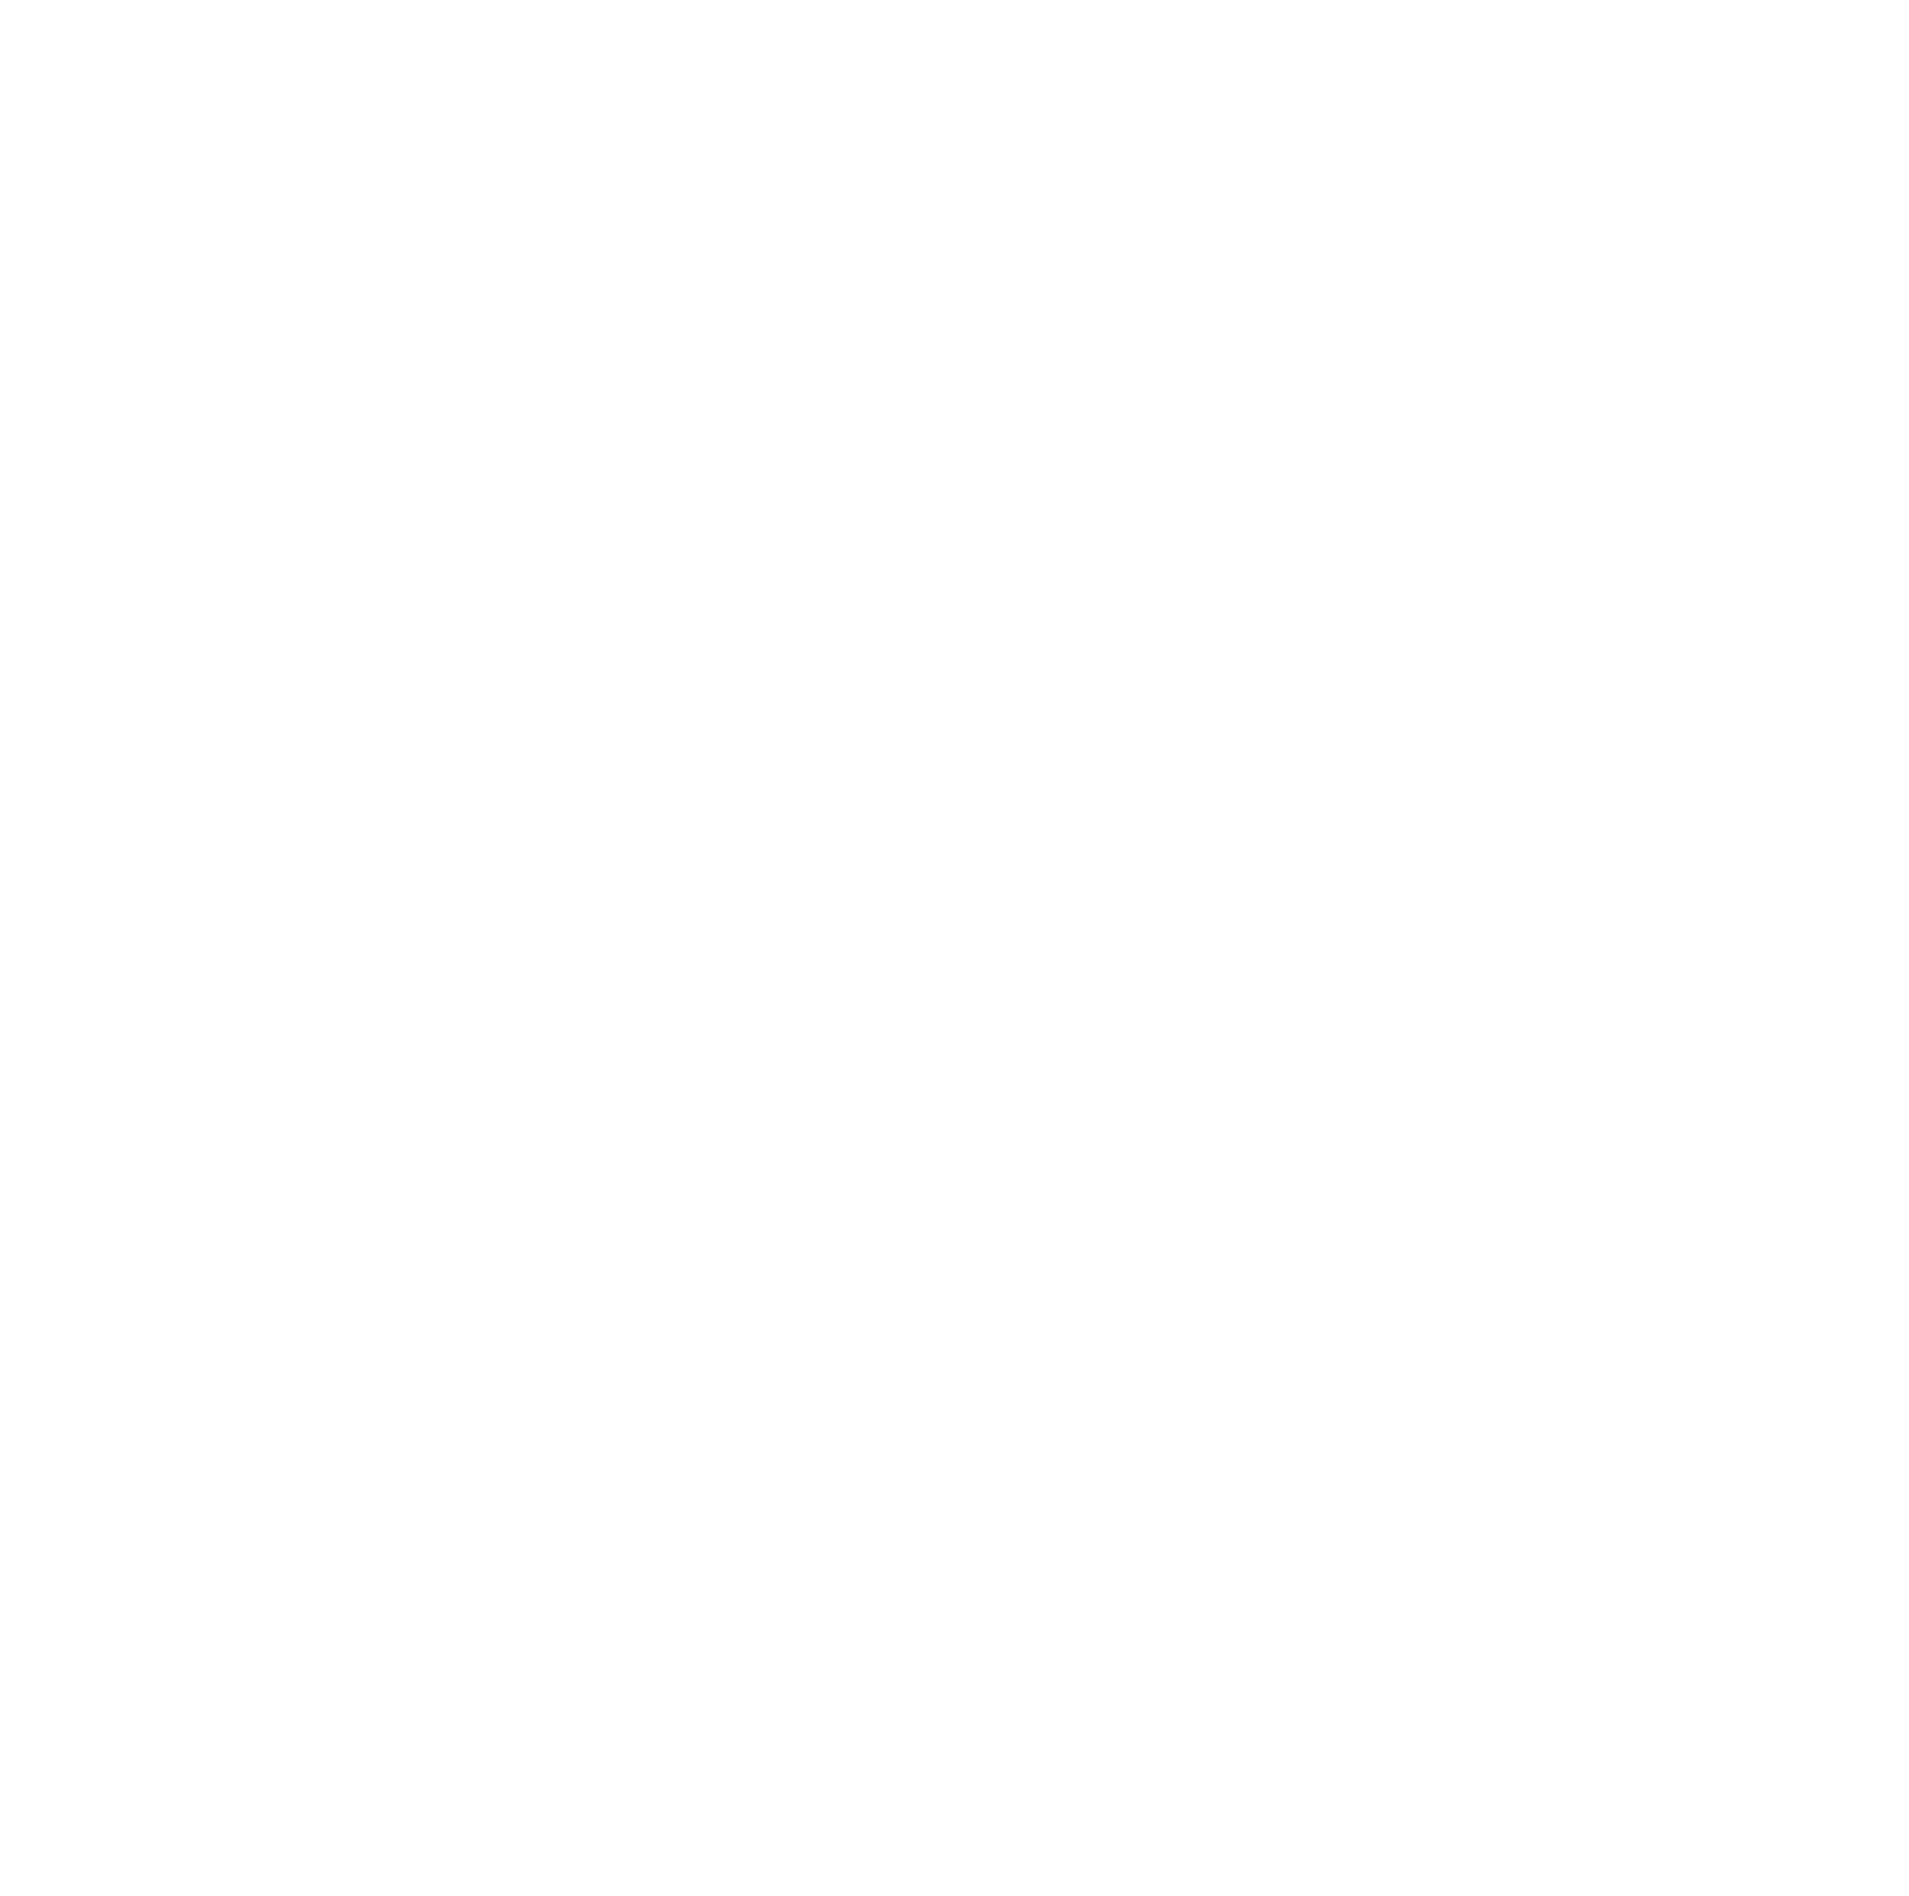 northwoods-logo-white